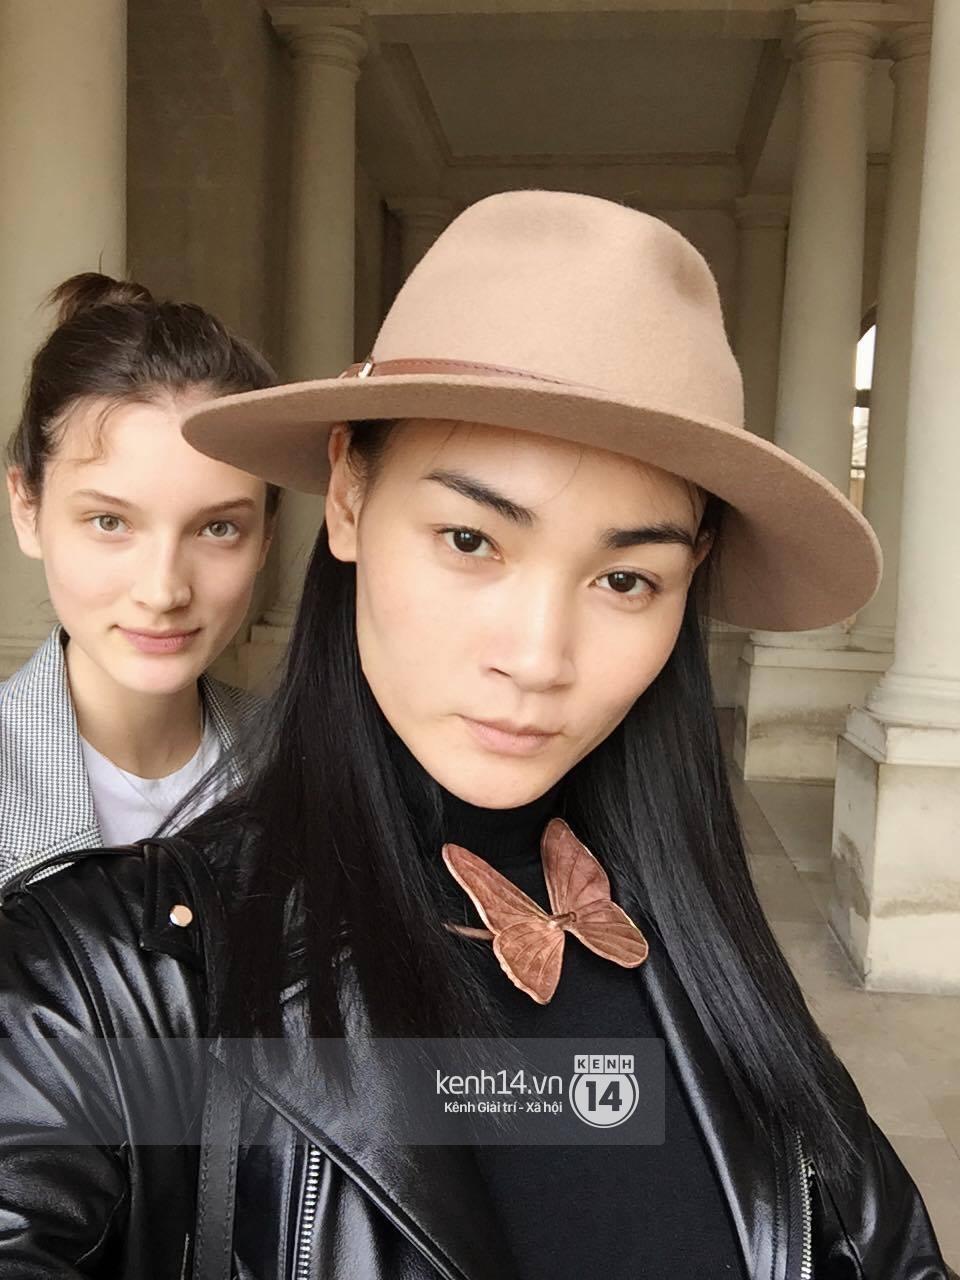 Độc quyền: Sau Louis Vuitton, Thùy Trang tiếp tục trình diễn cho private show của Chanel - Ảnh 7.